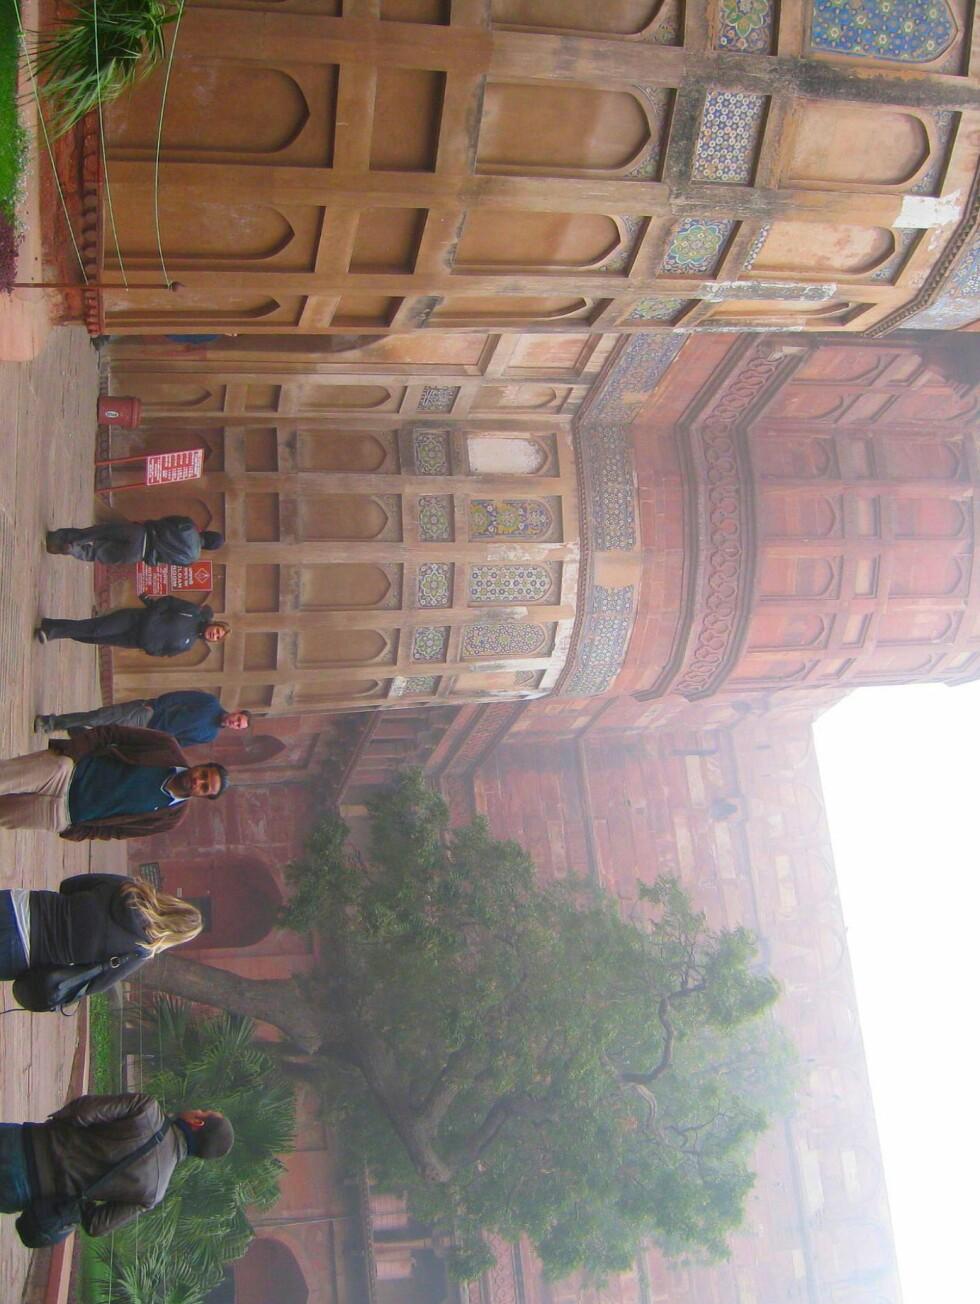 På vei inn i Agra Fort en kald og tåkete vintermorgen. Herfra regjerte mughalene Babur, Humayun, Akbar, Jehangir, Shah Jahan og Aurangzeb over hele landet. Fortet står på Unescos verdensarvliste. Foto: Stine Okkelmo